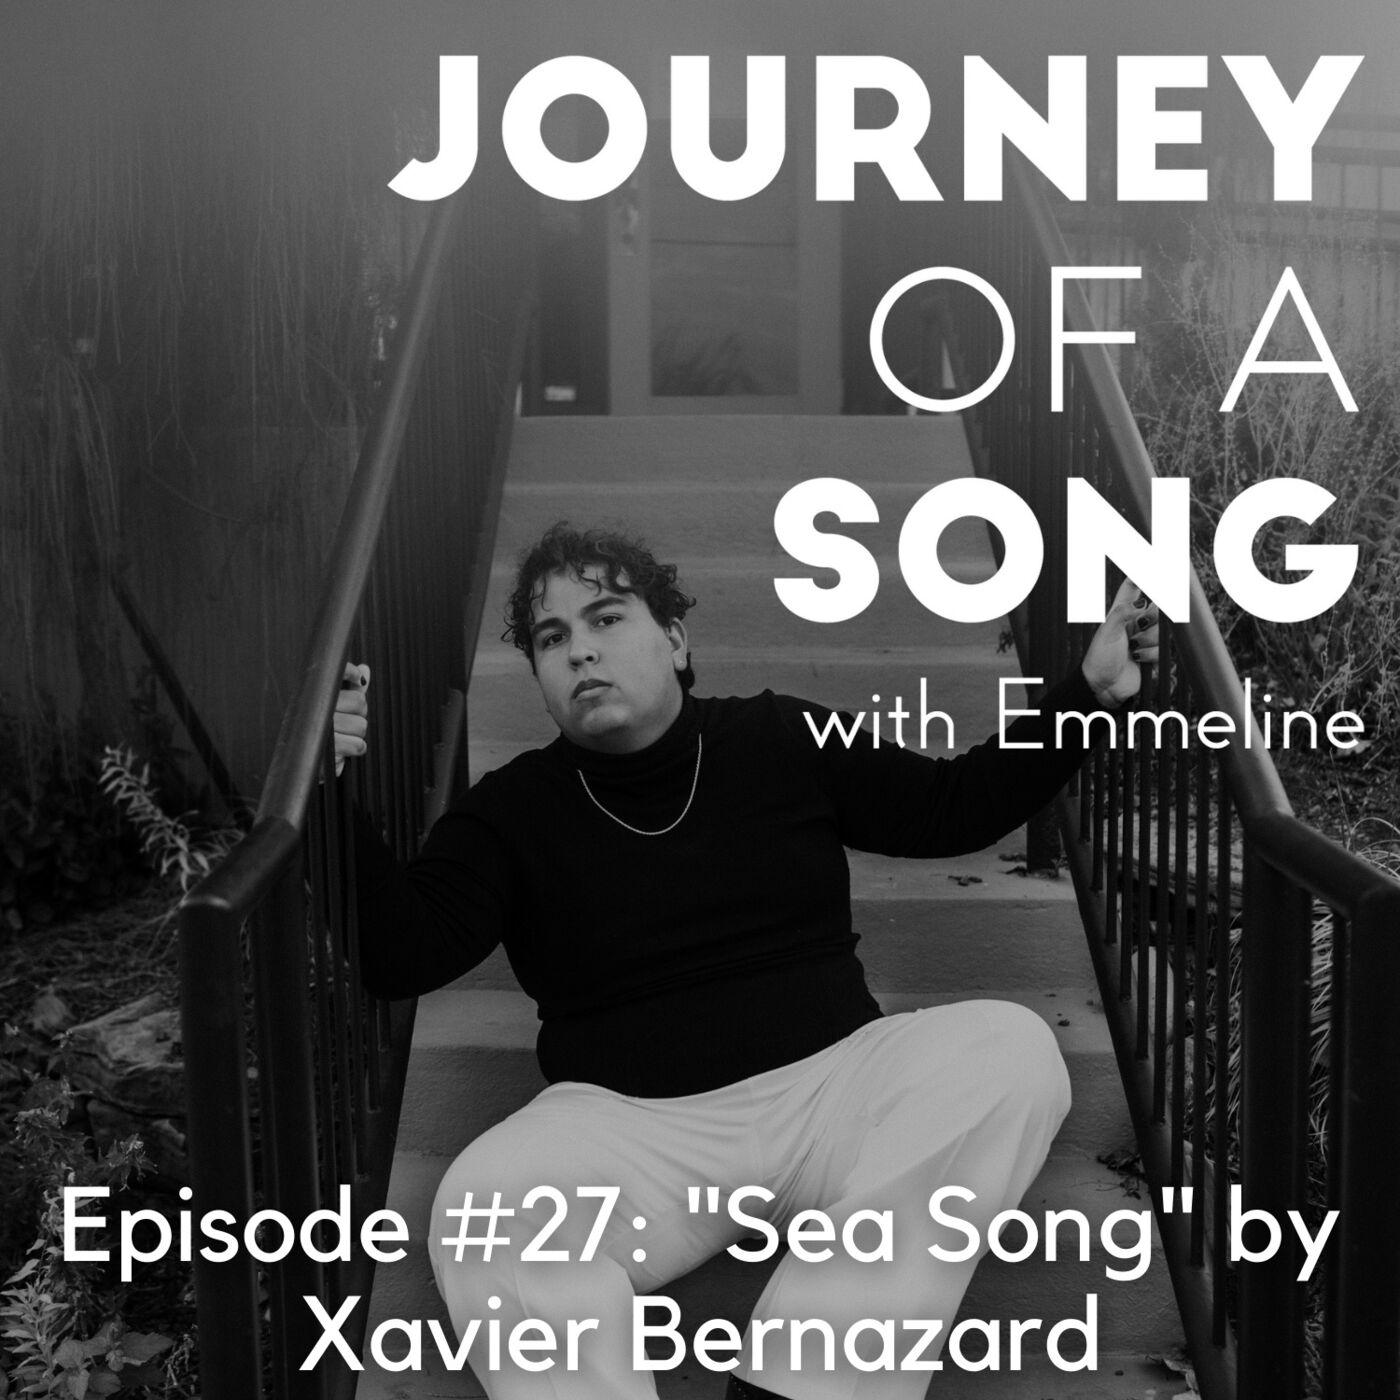 """Episode 27: """"Sea Song"""" by Xavier Bernazard"""